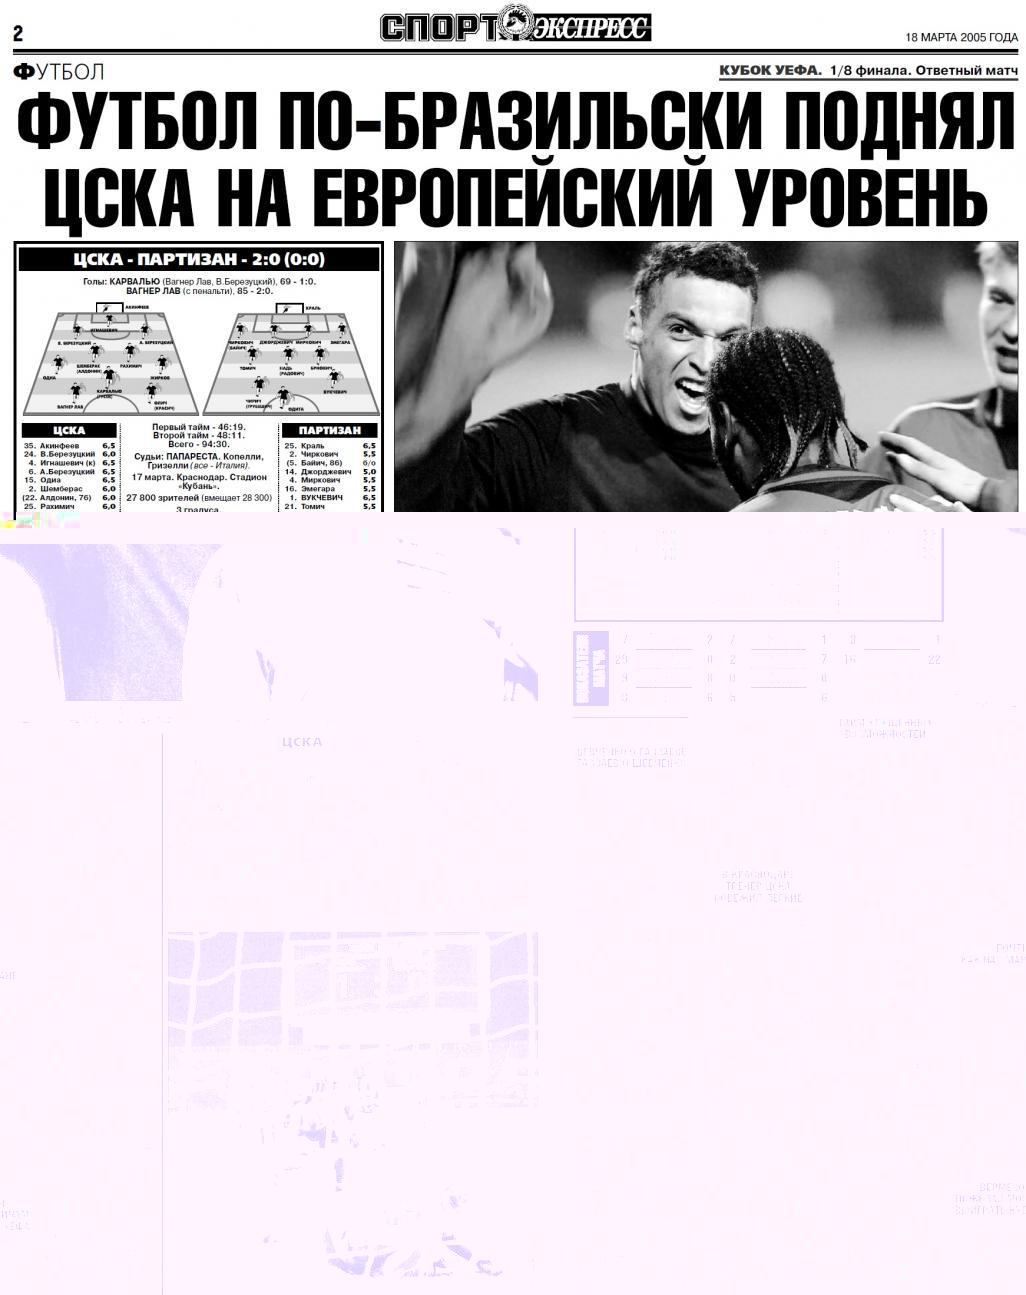 ЦСКА (Россия) - Партизан (Сербия) 2:0. Нажмите, чтобы посмотреть истинный размер рисунка